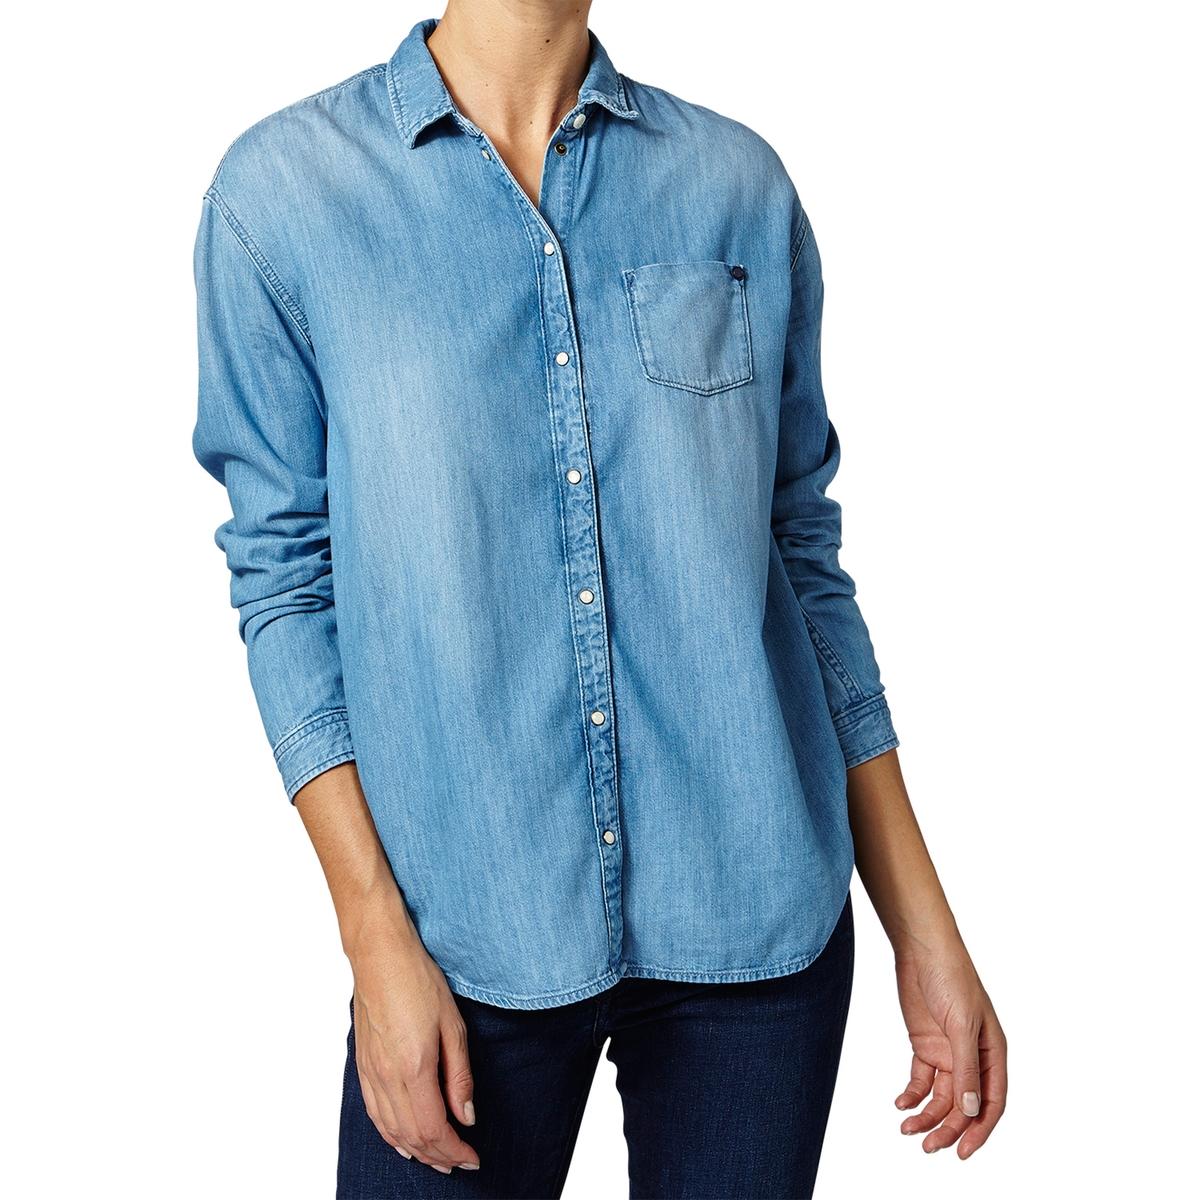 Рубашка однотонная с воротником-поло и длинными рукавамиДетали •  Длинные рукава •  Прямой покрой  •  Воротник-поло, рубашечный Состав и уход •  69% хлопка, 31% лиоцелла •  Следуйте советам по уходу, указанным на этикетке<br><br>Цвет: выбеленный<br>Размер: L.S